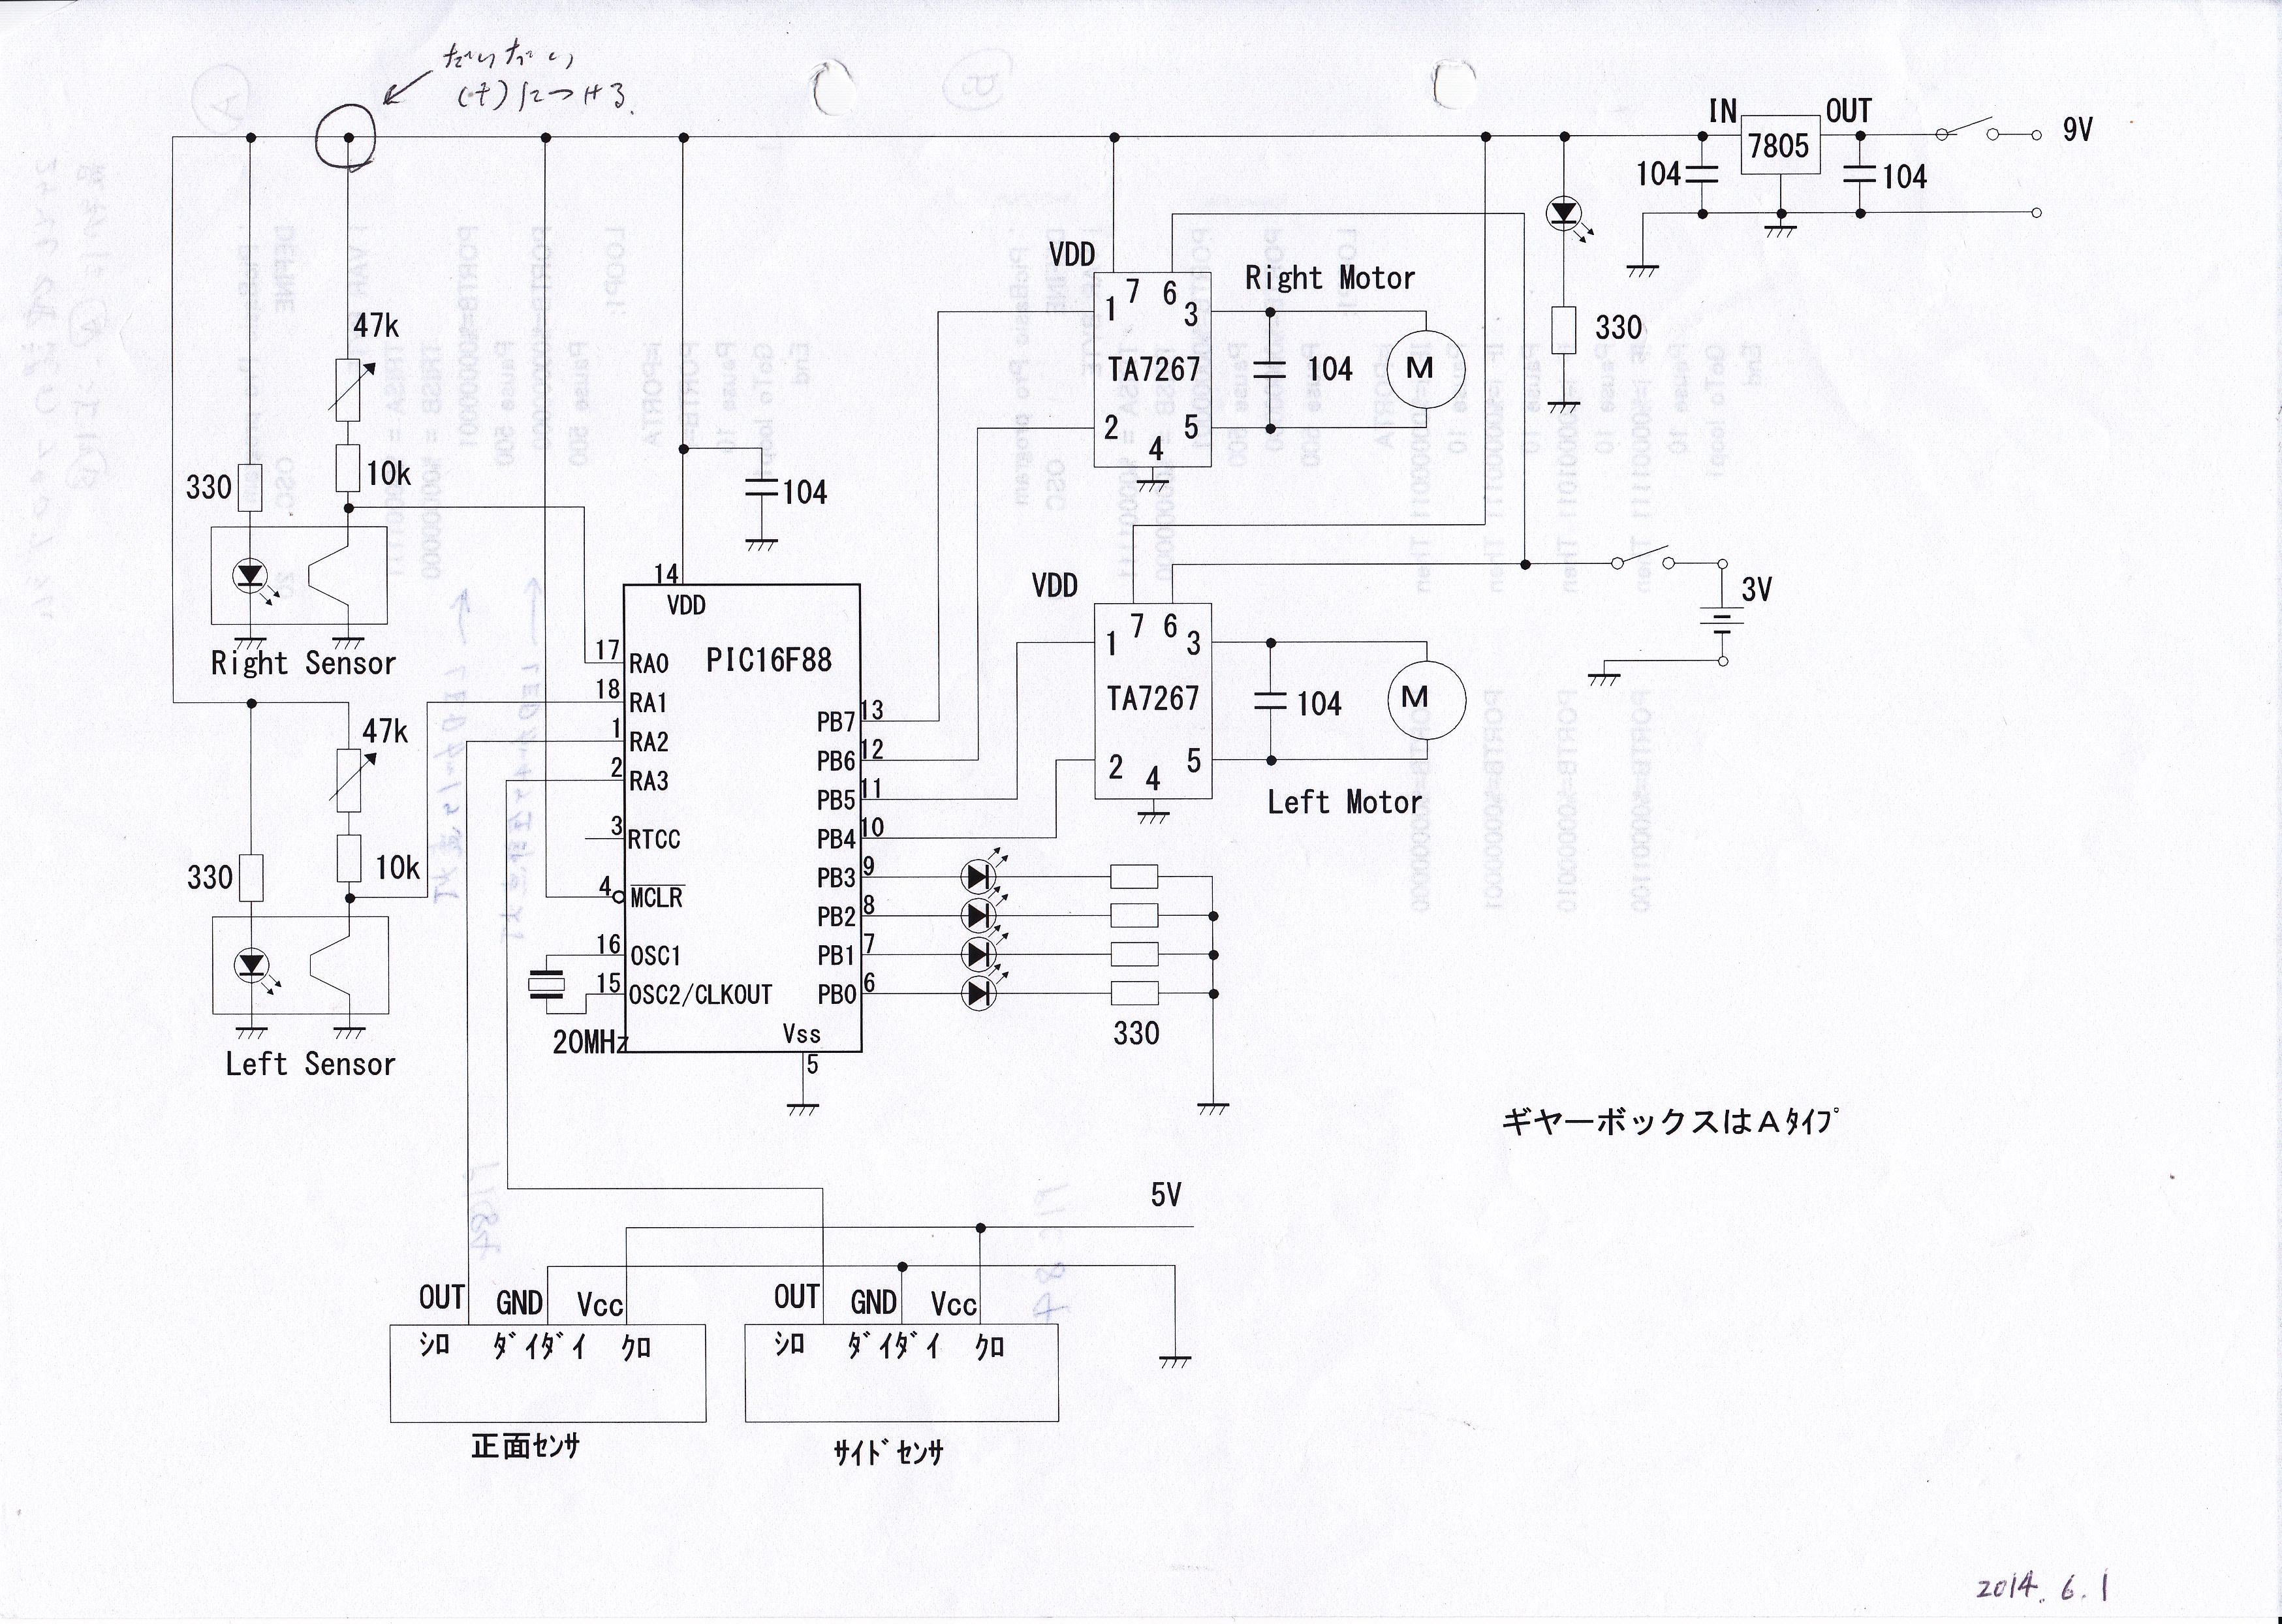 ライントレーサー回路図